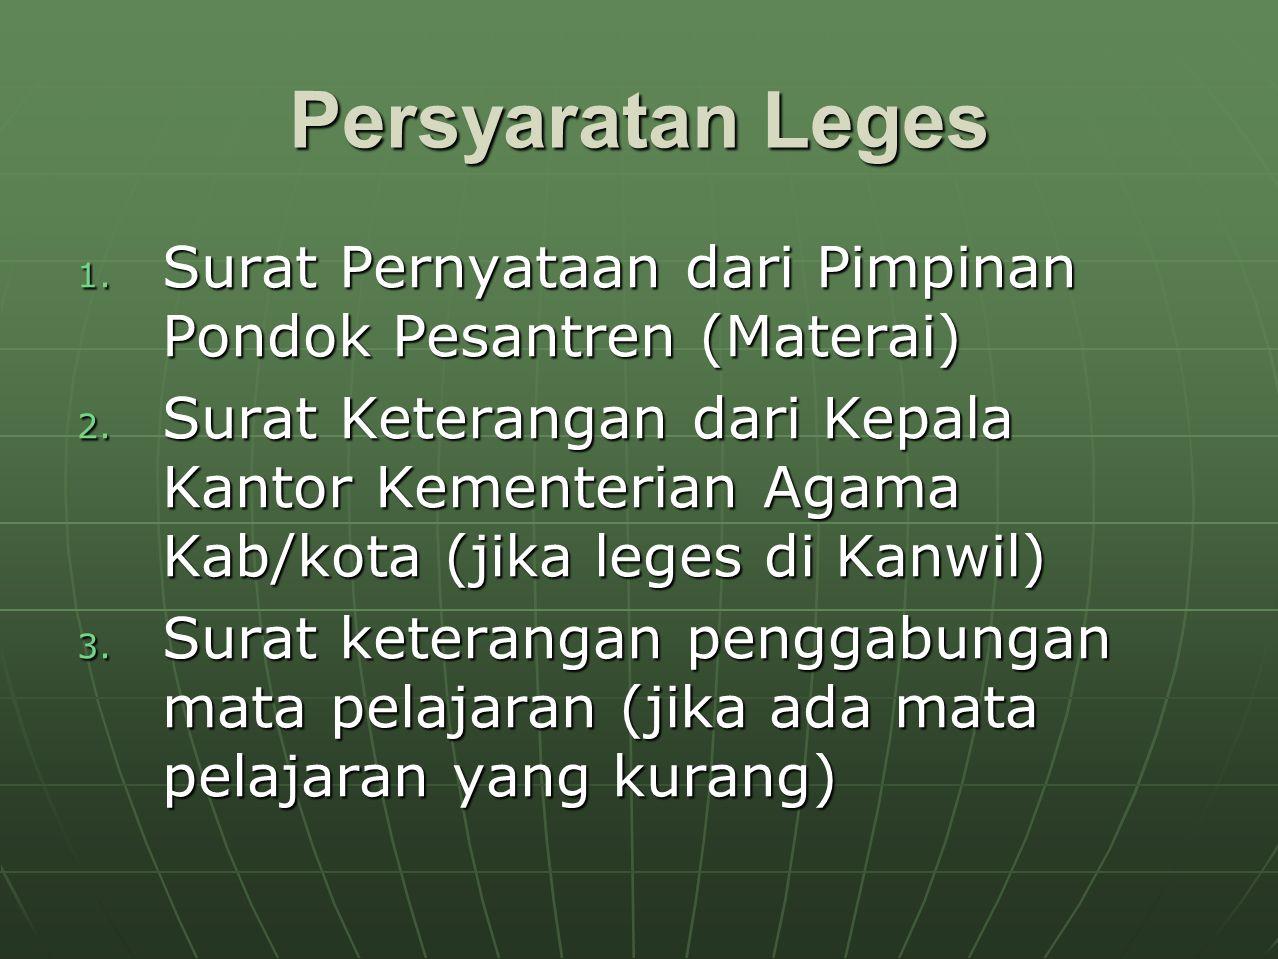 Persyaratan Leges Surat Pernyataan dari Pimpinan Pondok Pesantren (Materai)